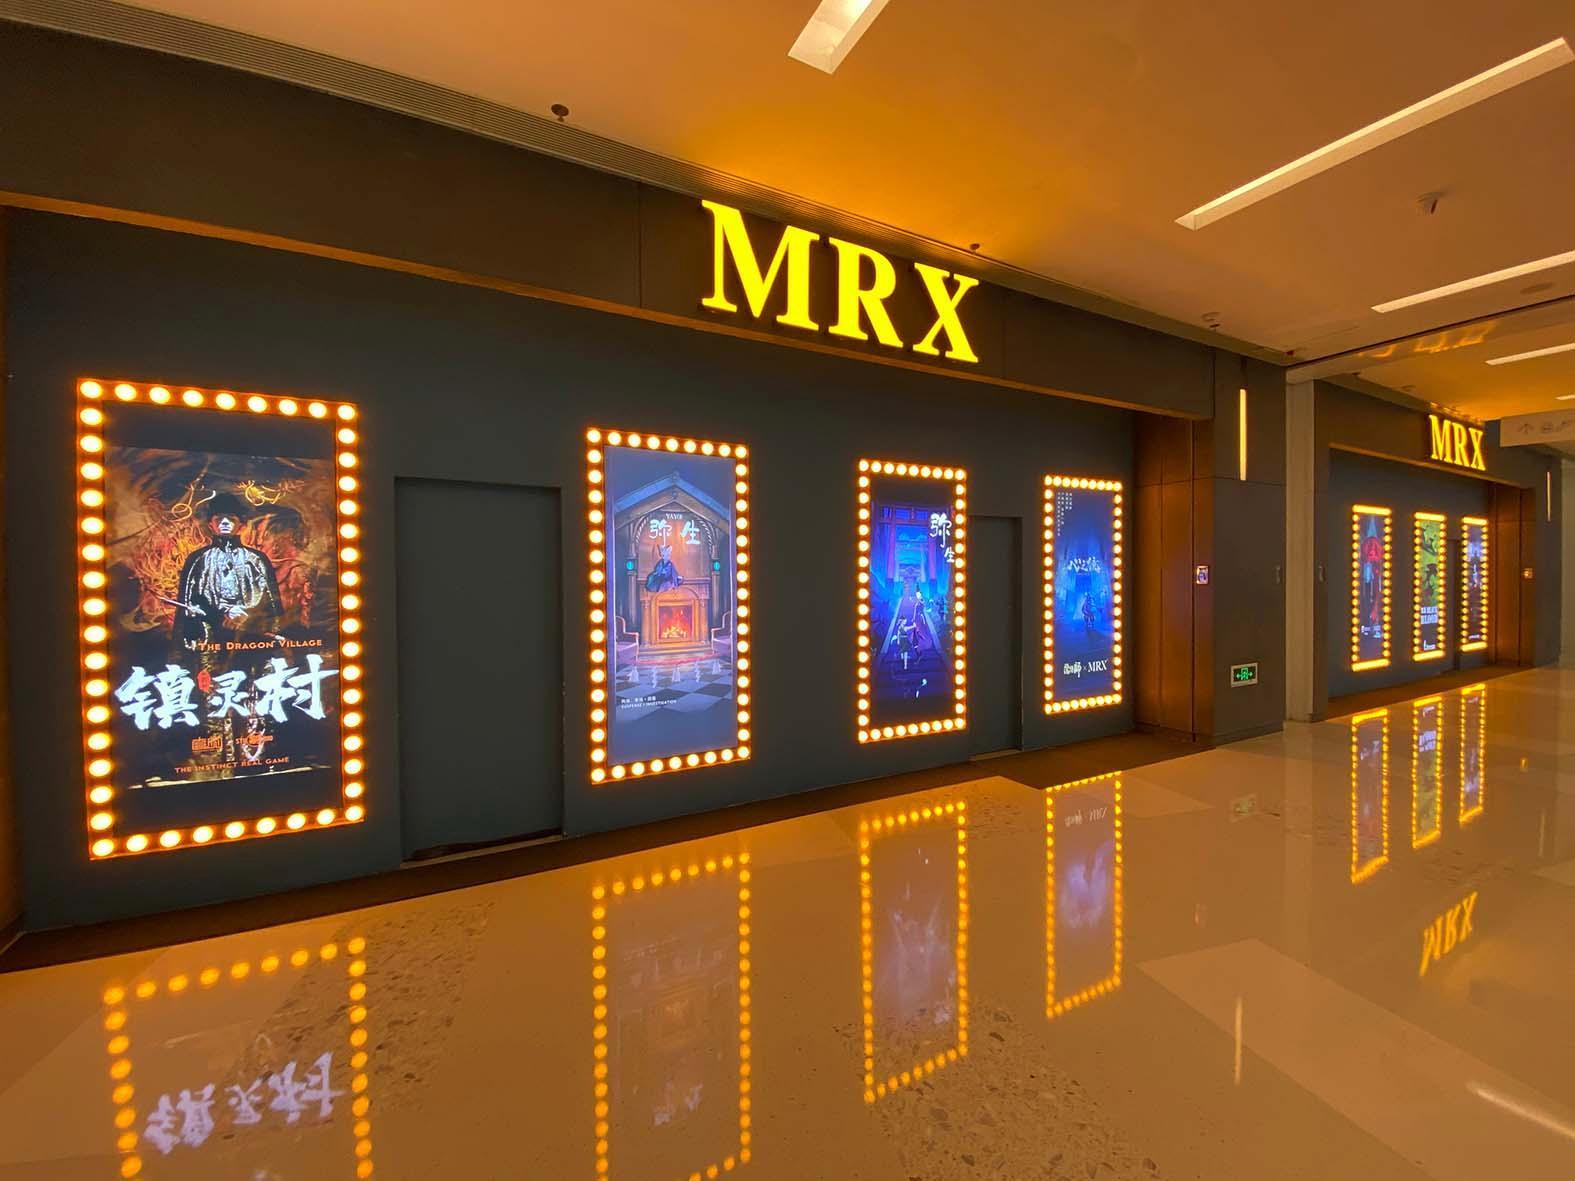 名為Mr.X 的密 室, 會上演各式 「劇本殺」,頗受 年輕人歡迎,